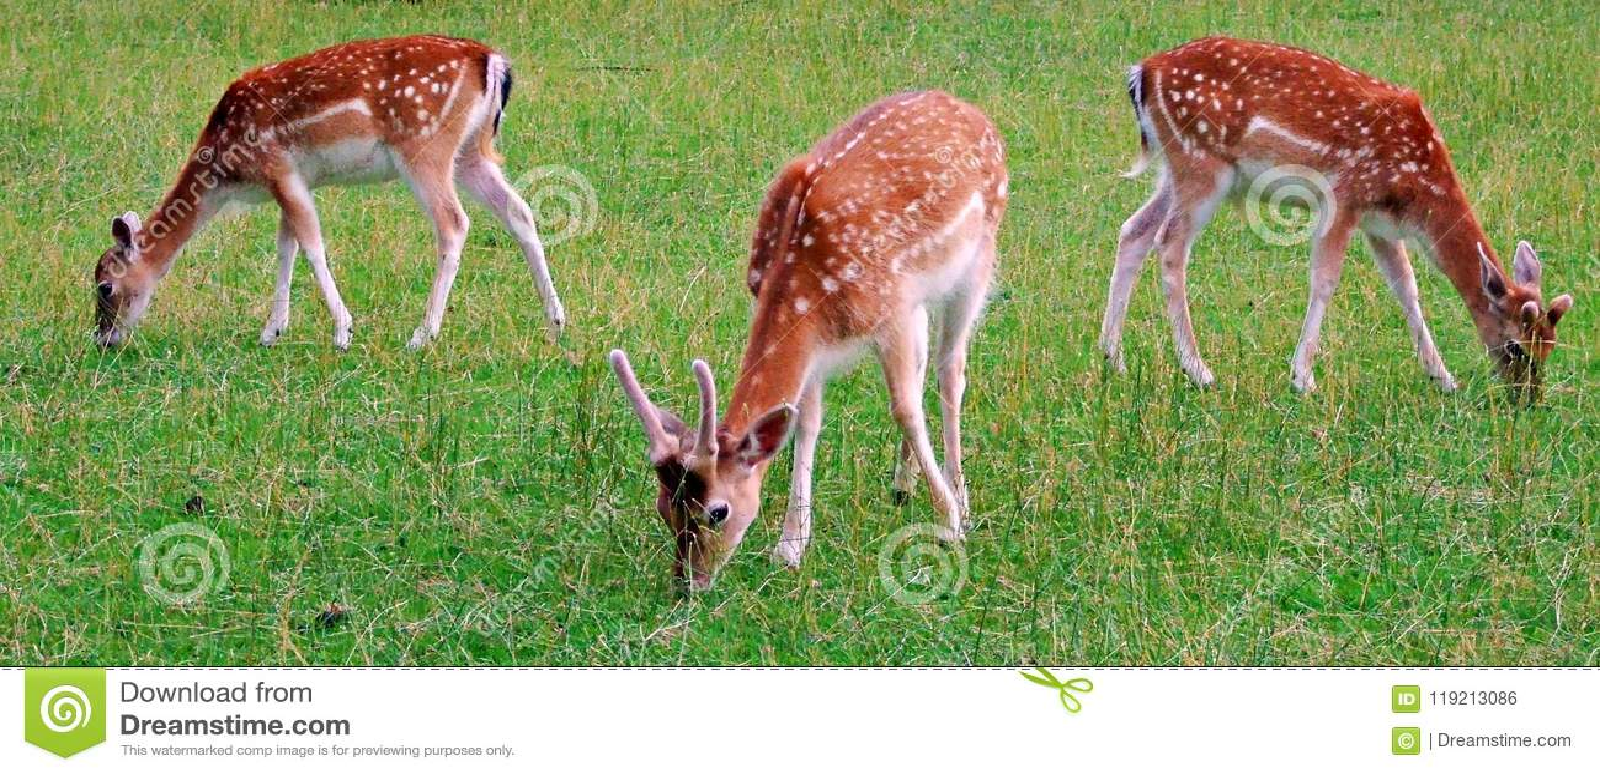 Rotwild, Tier, wild lebende Tiere, Säugetier, Kitz, Gras, wild, Natur, Brache, Damhirschkuh, Junge, Braun, Grün, Geweihe, Hirsch,